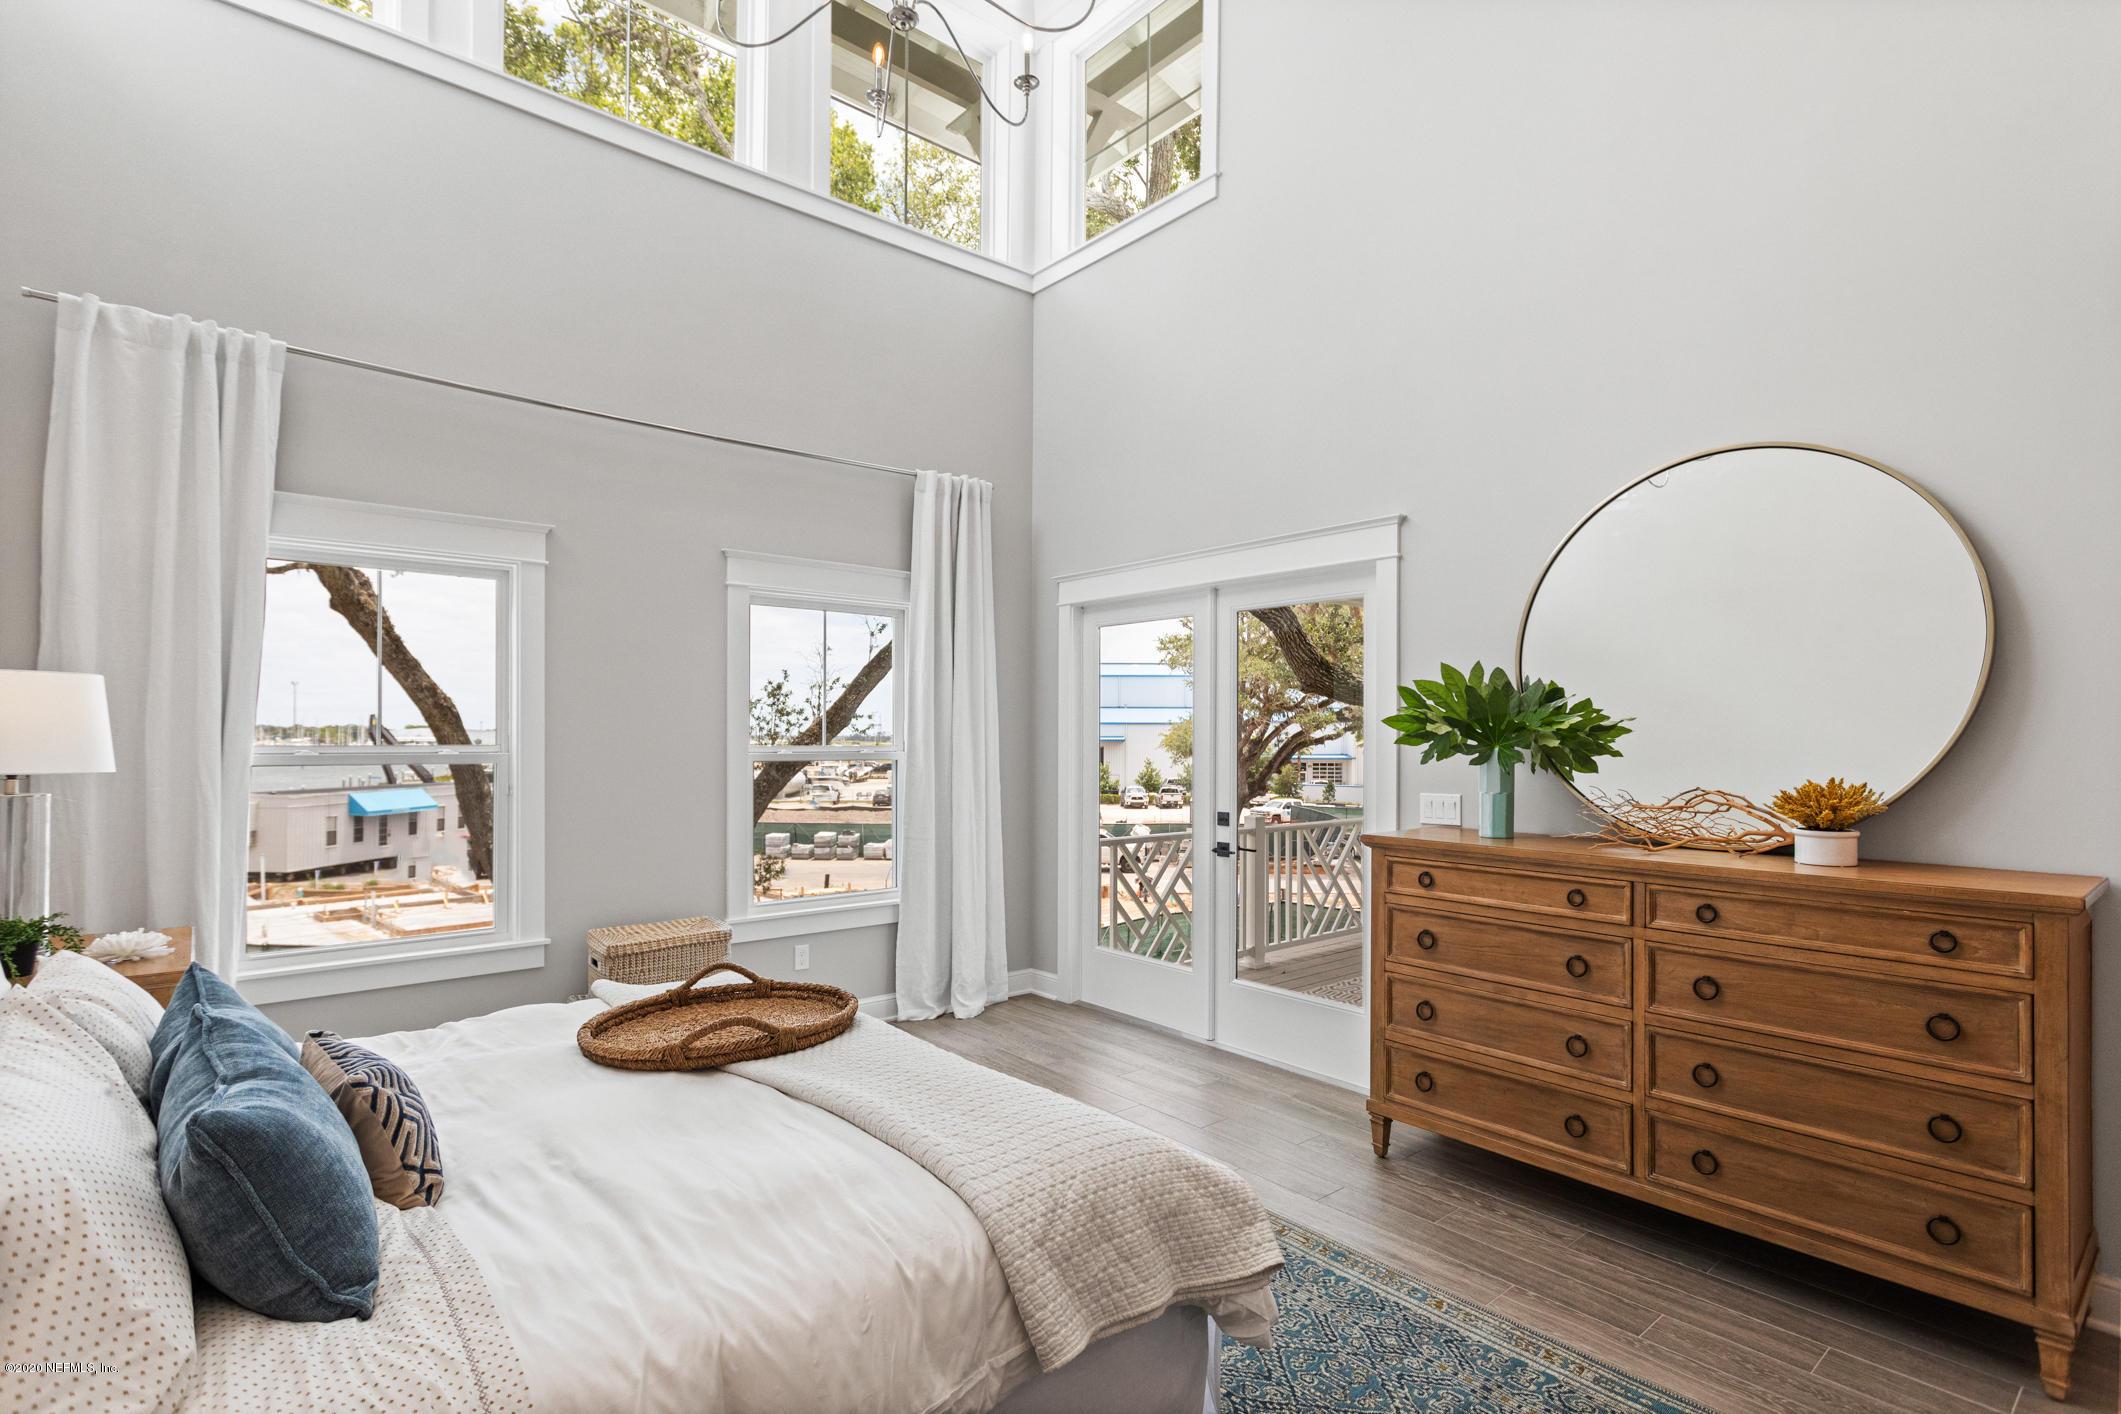 95 CHEROKEE, ST AUGUSTINE, FLORIDA 32084, 3 Bedrooms Bedrooms, ,2 BathroomsBathrooms,Residential,For sale,CHEROKEE,975513